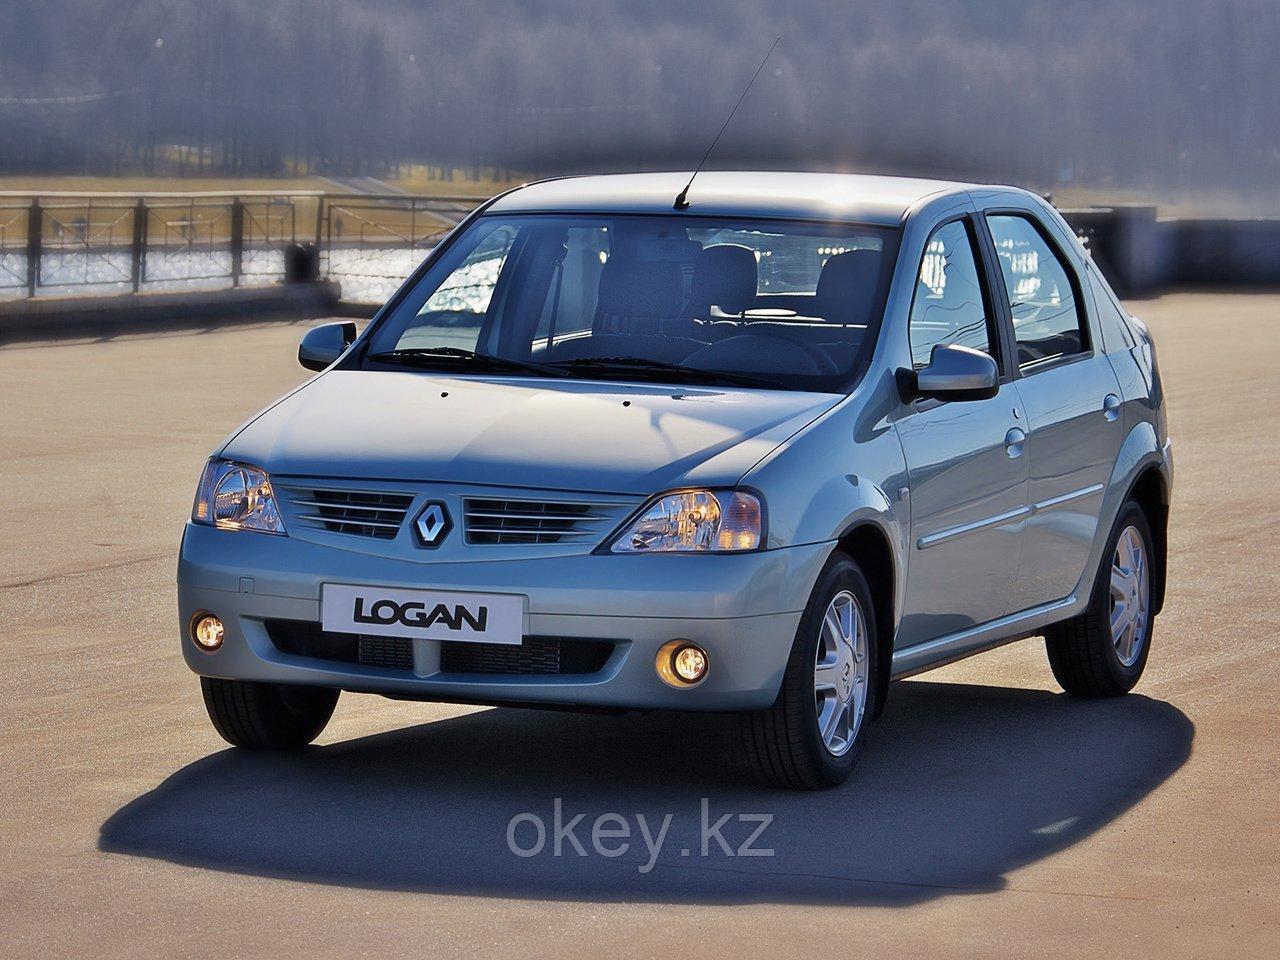 Тормозные колодки Kötl 400KT для Renault Logan I седан (LS_) 1.4, 2004-2014 года выпуска.